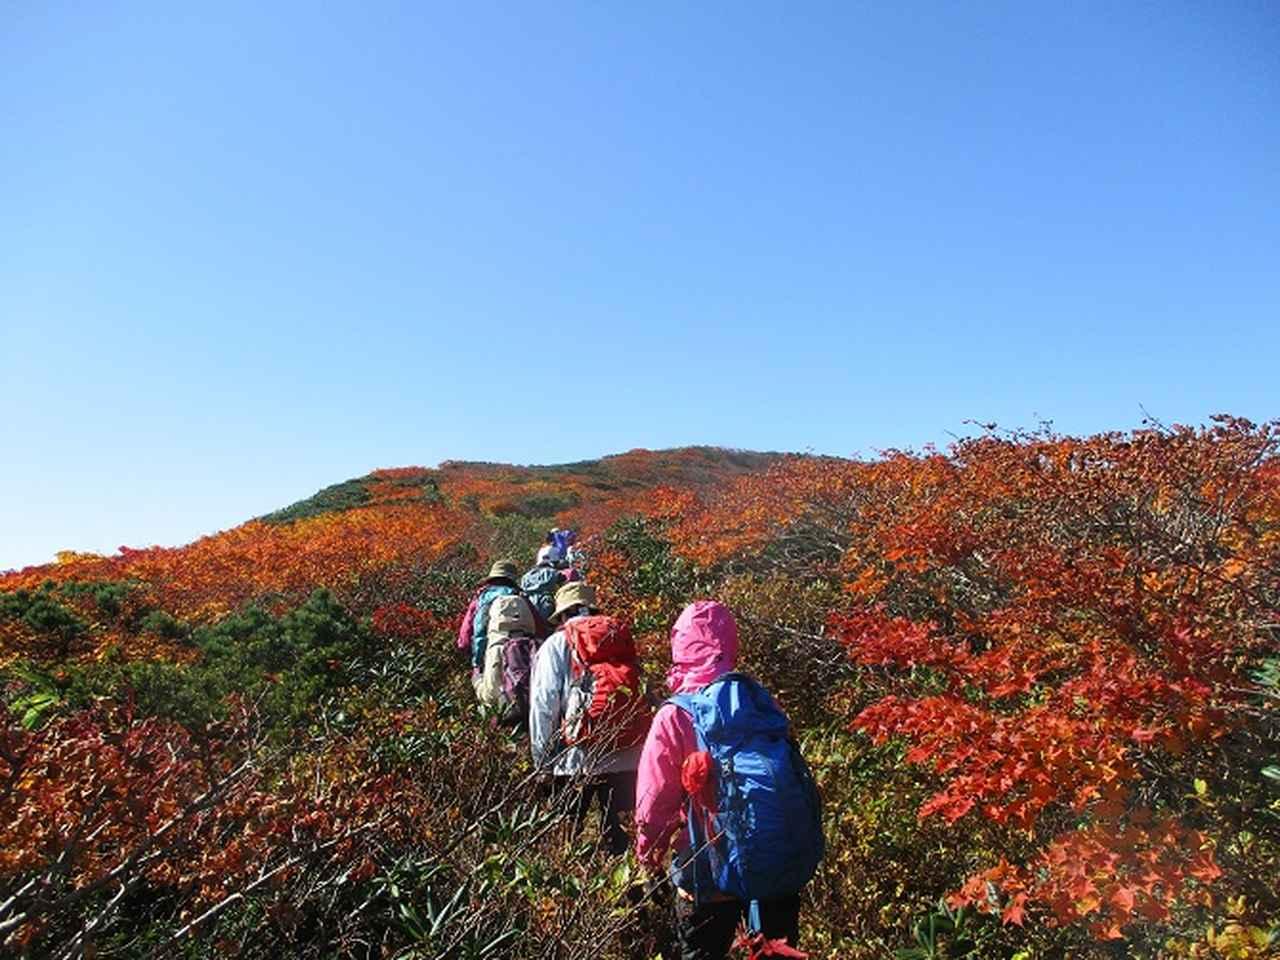 画像2: 9月30日から山旅会 「八幡平・秋田駒ヶ岳」 ツアーに行ってきました!